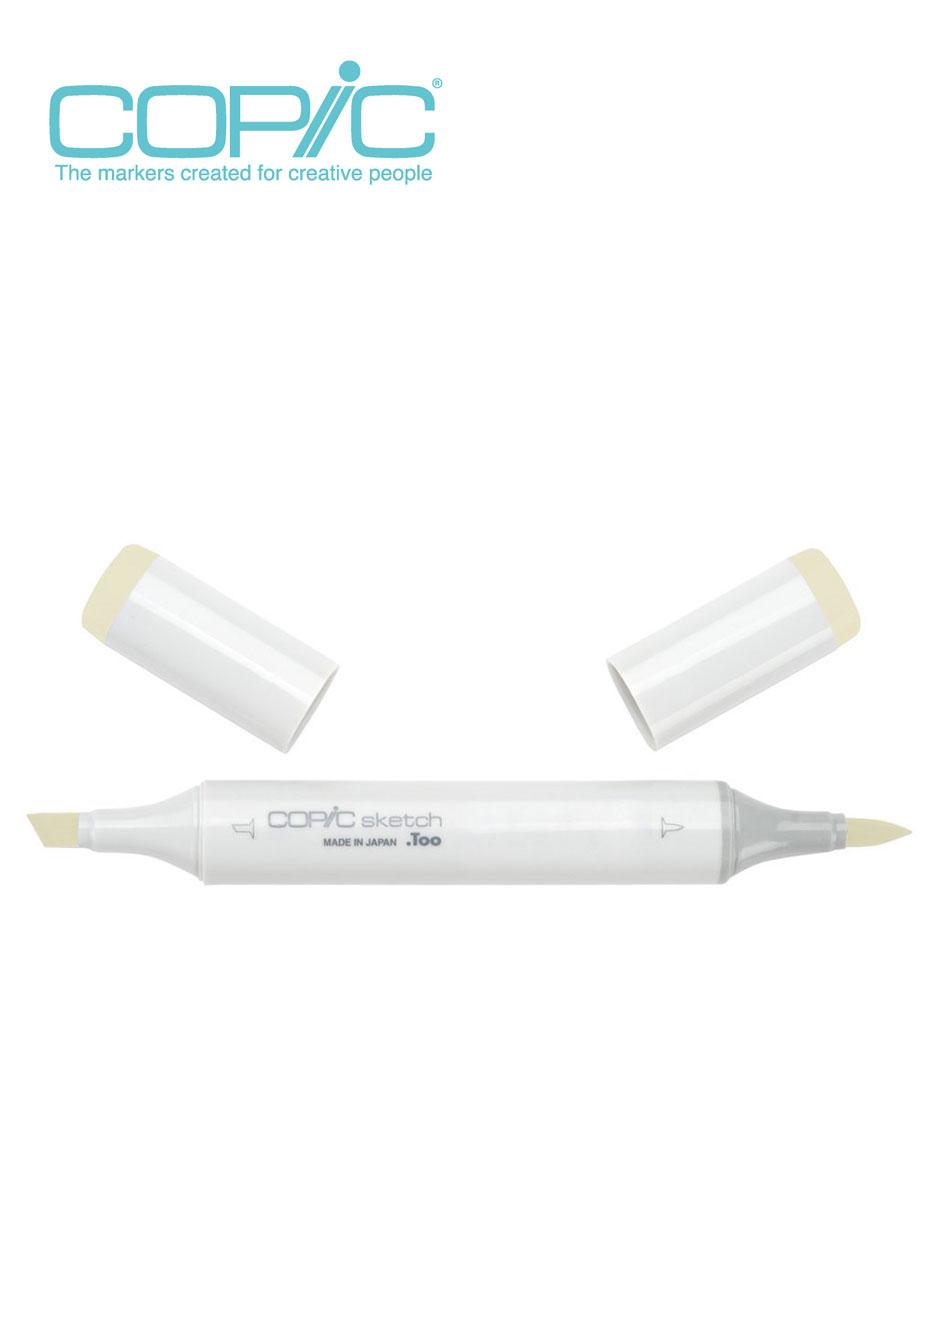 copic-e-sketch-marker